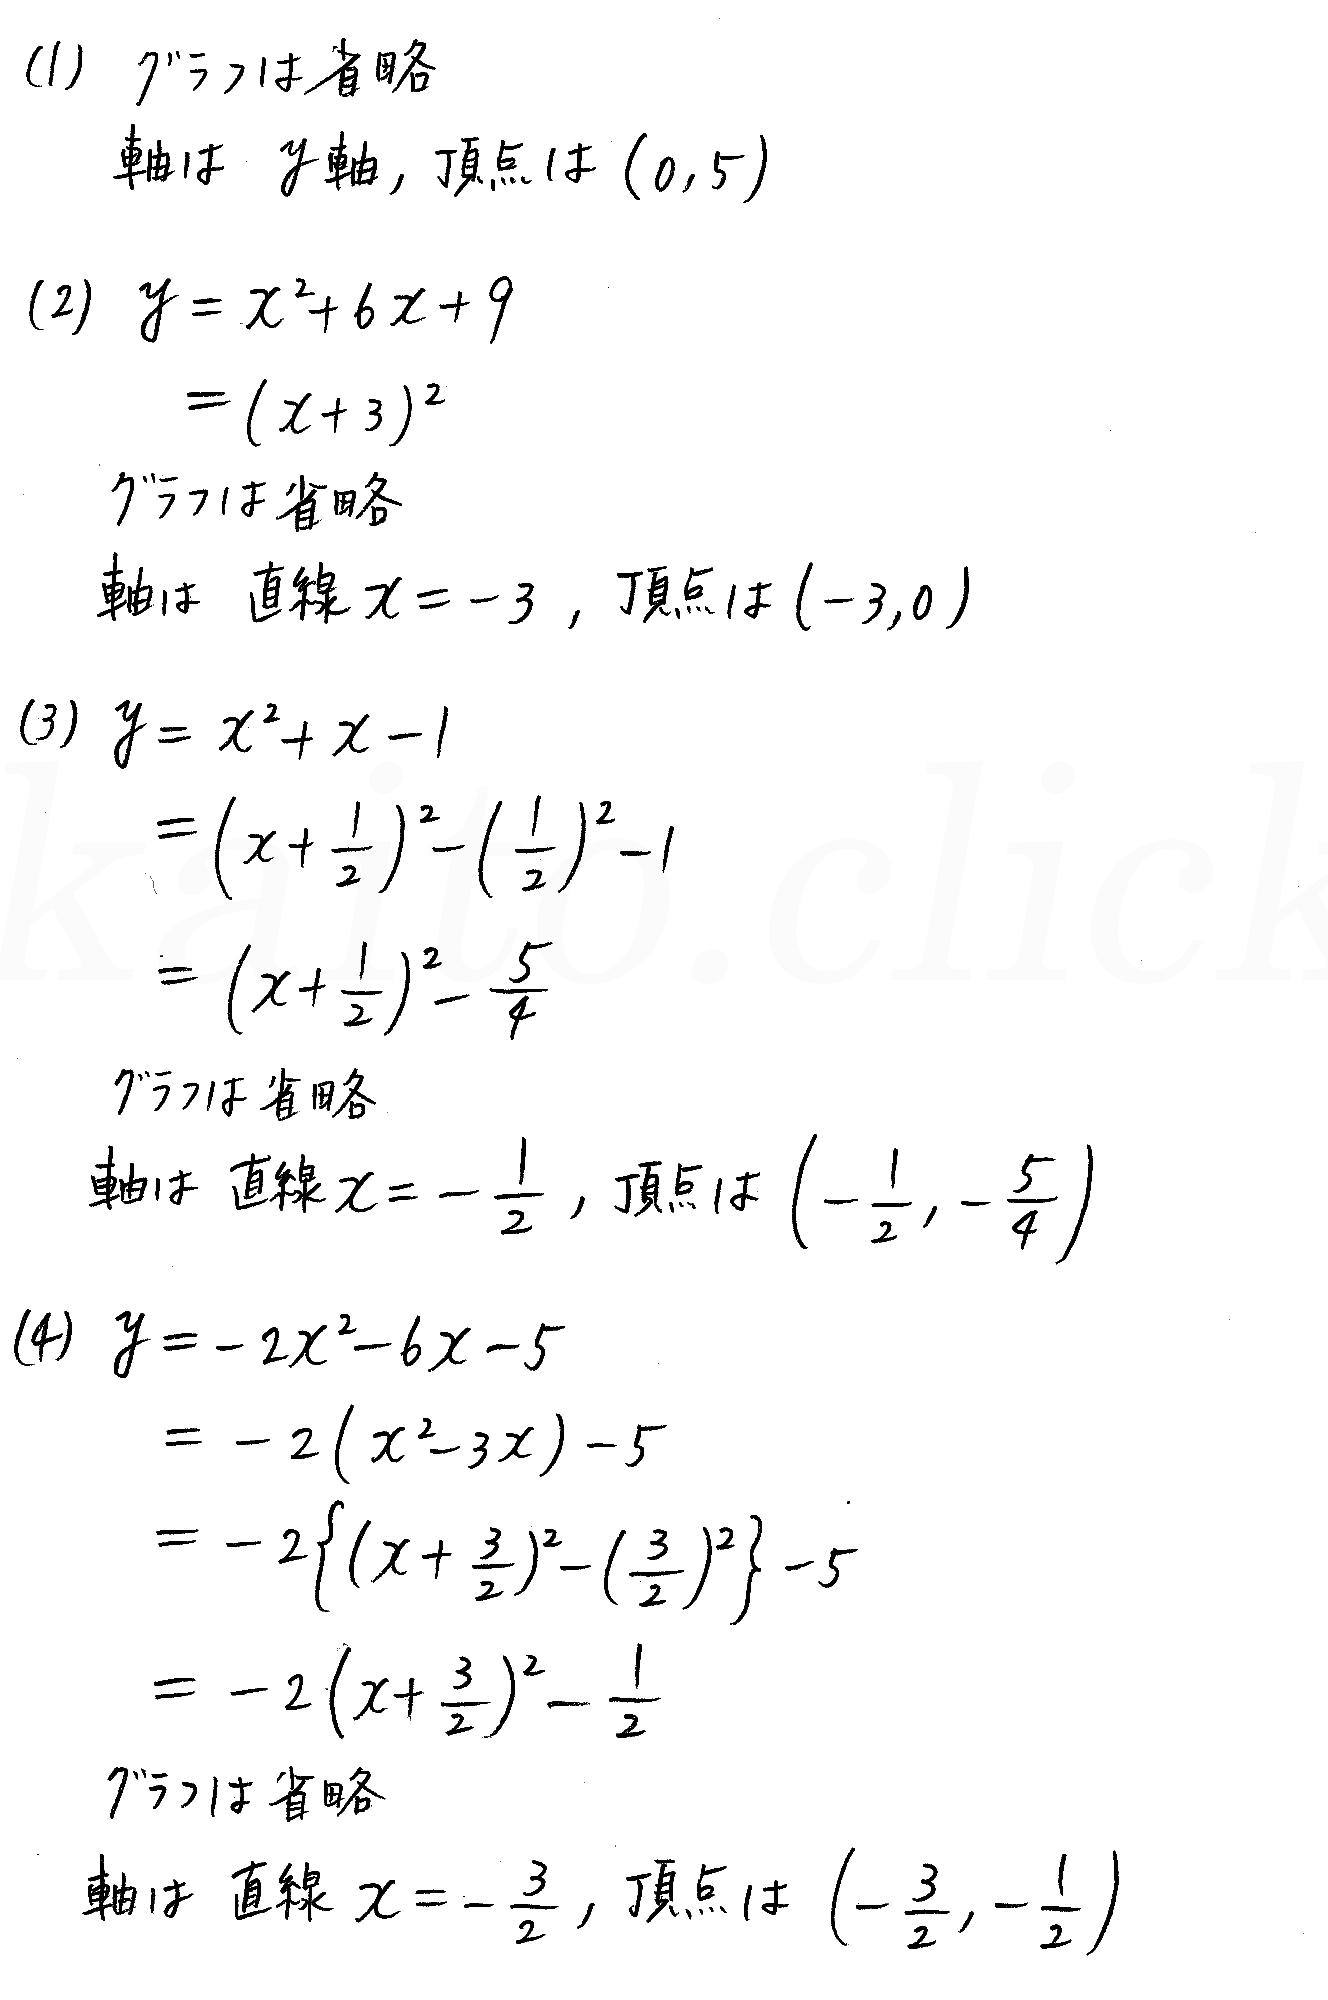 クリアー数学1-156解答